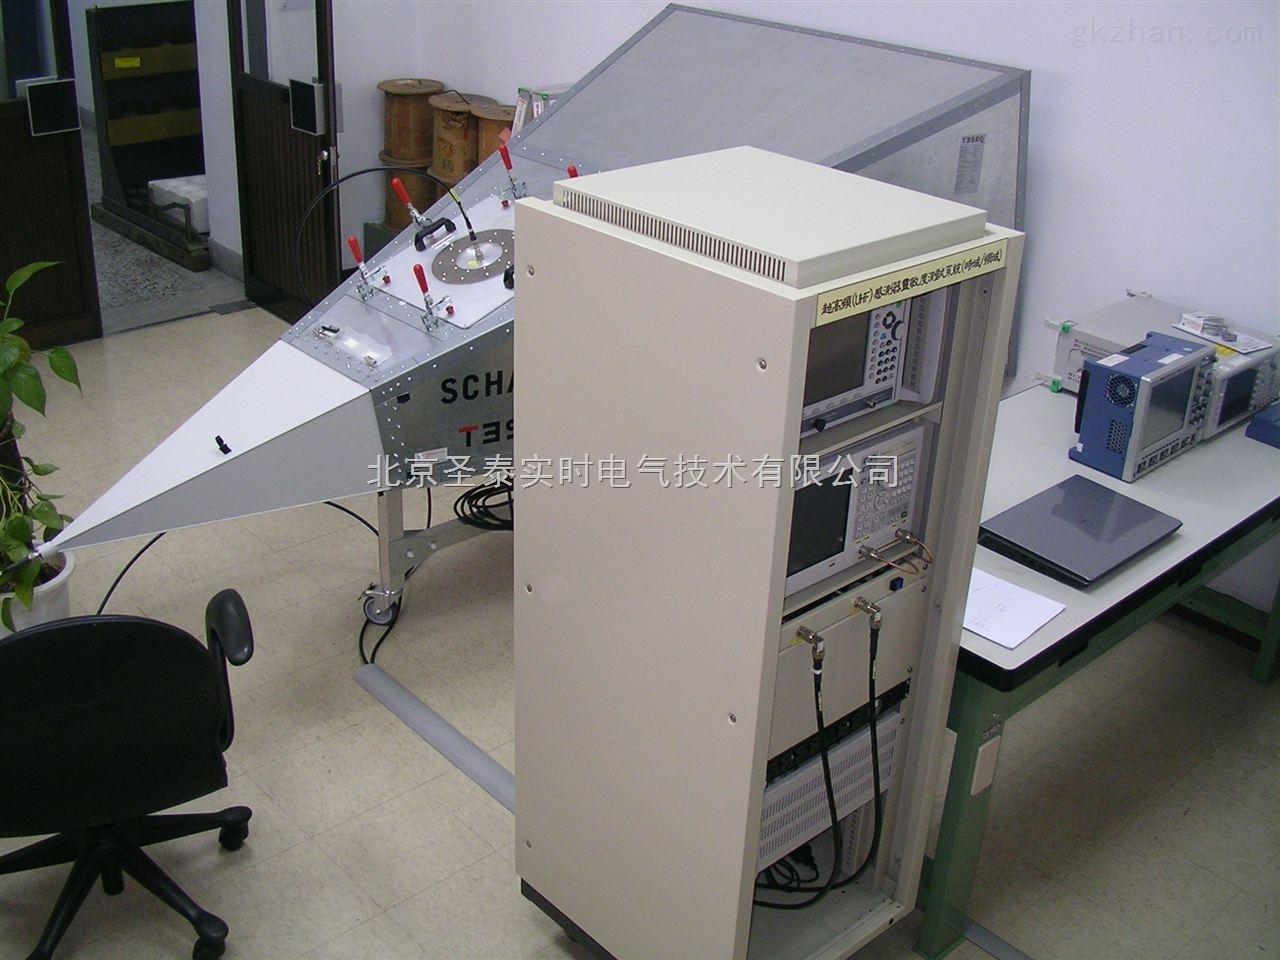 传感器及信号检测的灵敏度等关键指标进行检测和评定